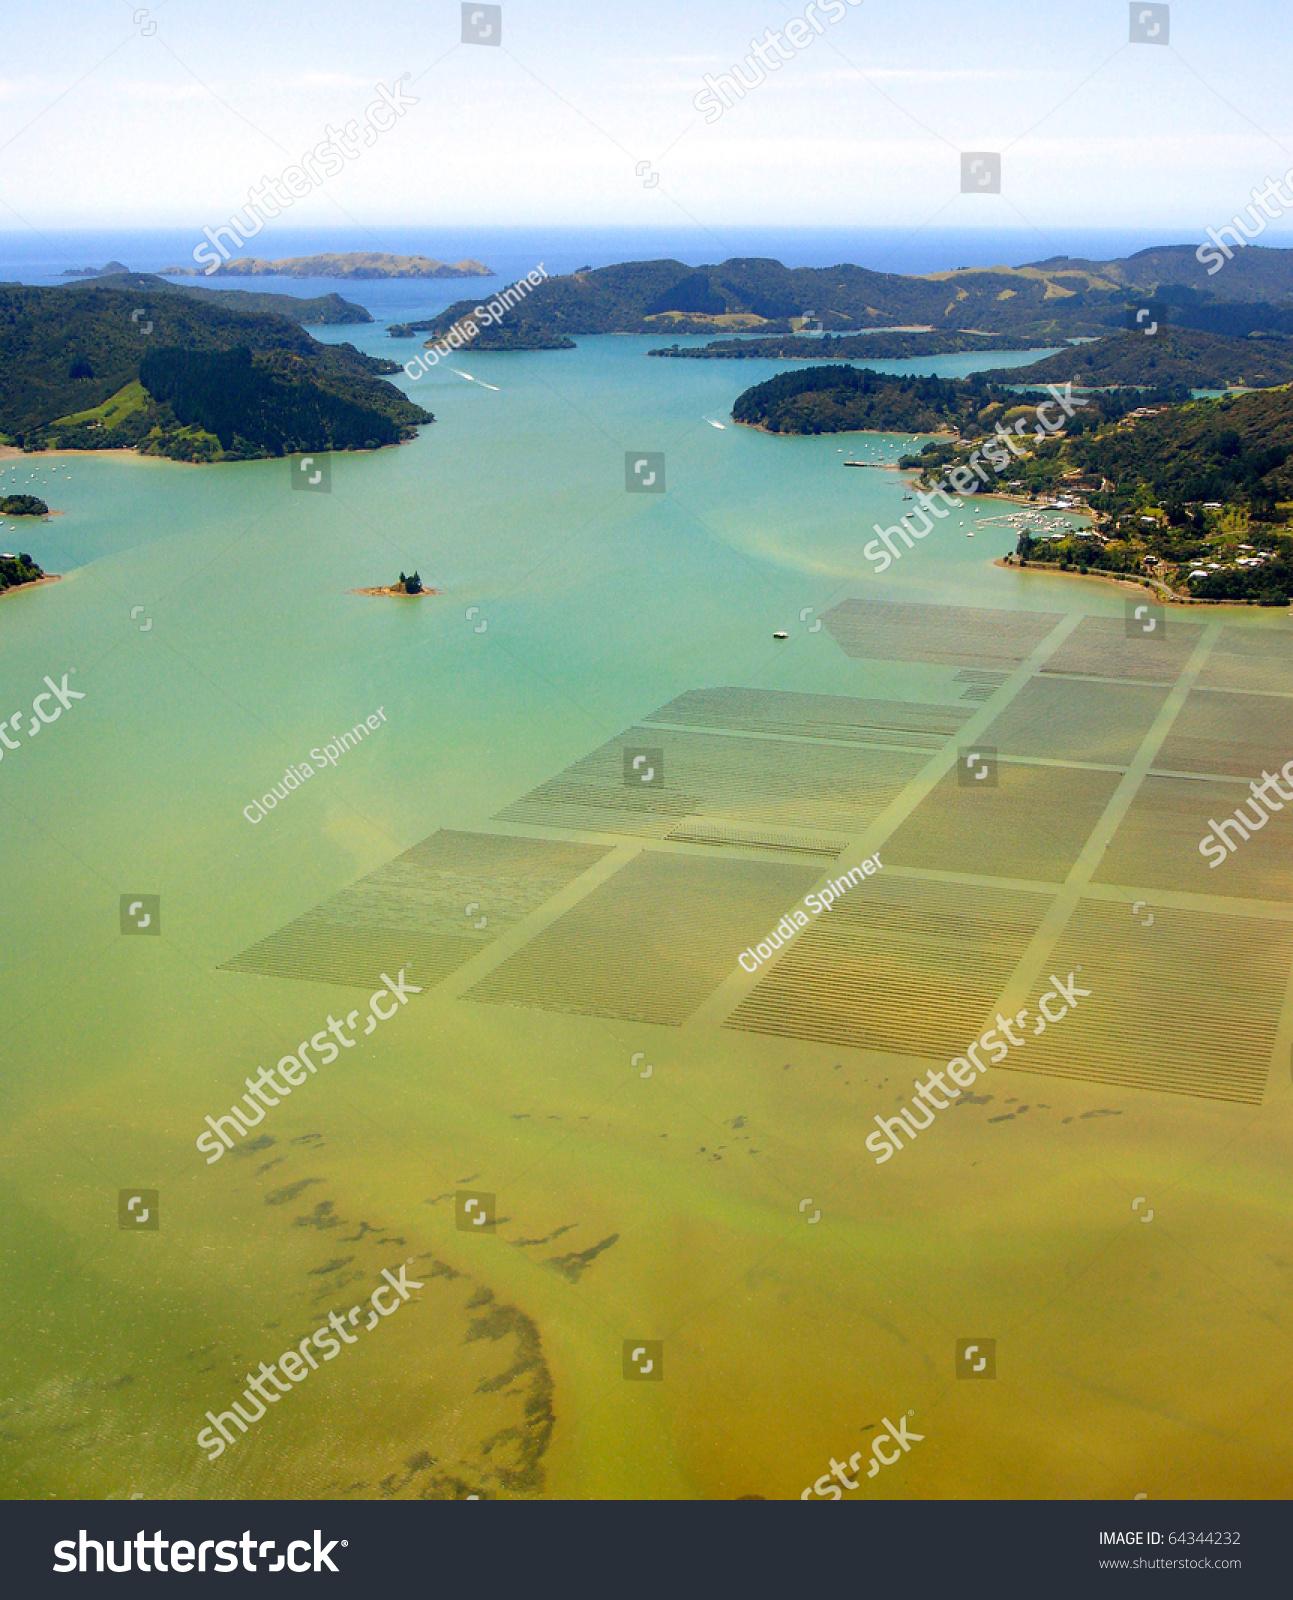 水产养殖的鸟瞰图whangaroa港湾,新西兰-公园/户外